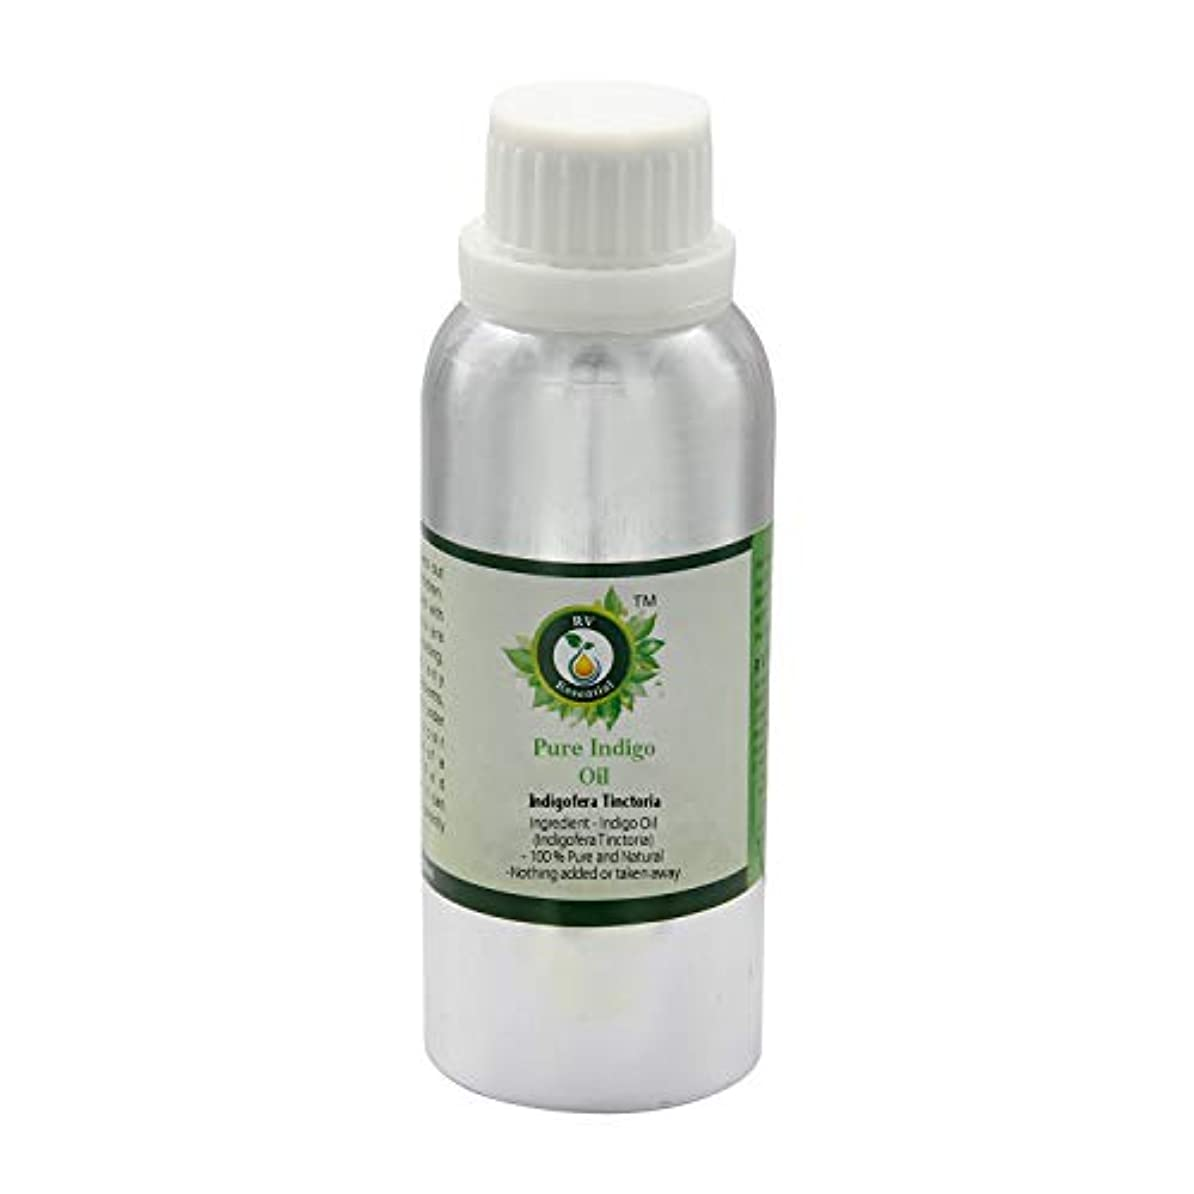 競うホームマダムピュアインディゴオイル630ml (21oz)- Indigofera Tinctoria (100%純粋でナチュラル) Pure Indigo Oil